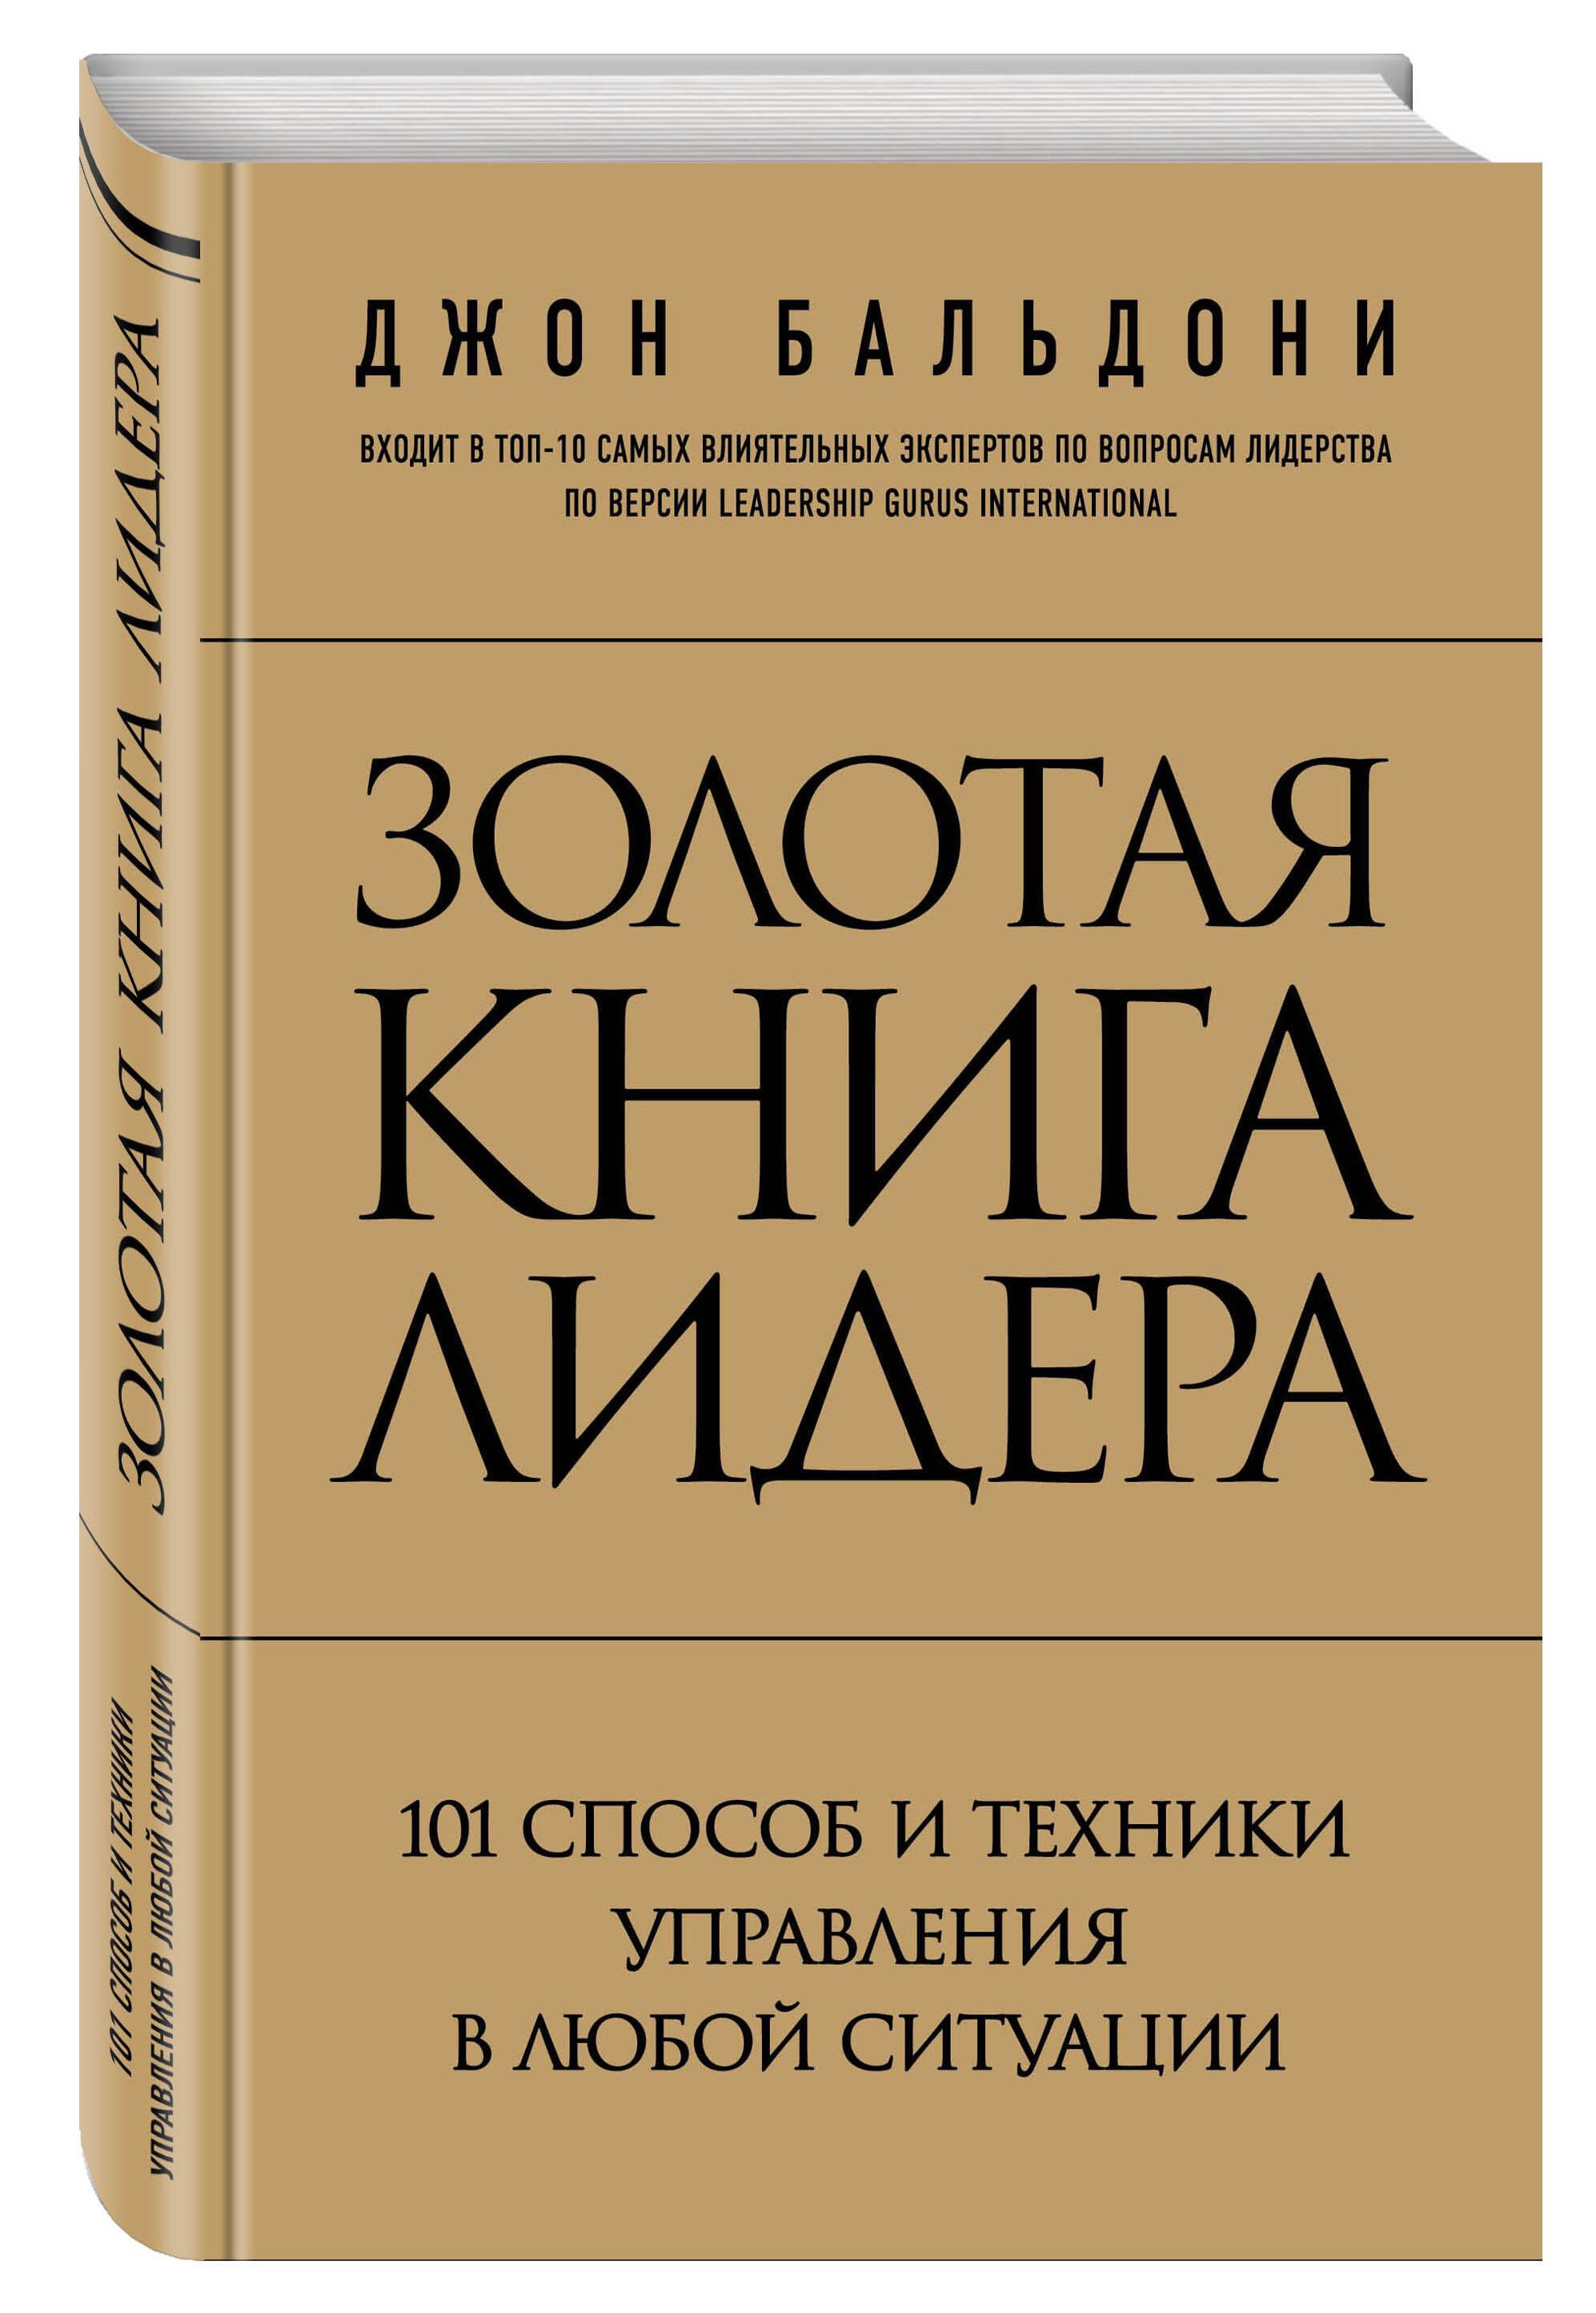 Бальдони Джон Золотая книга лидера. 101 способ и техники управления в любой ситуации